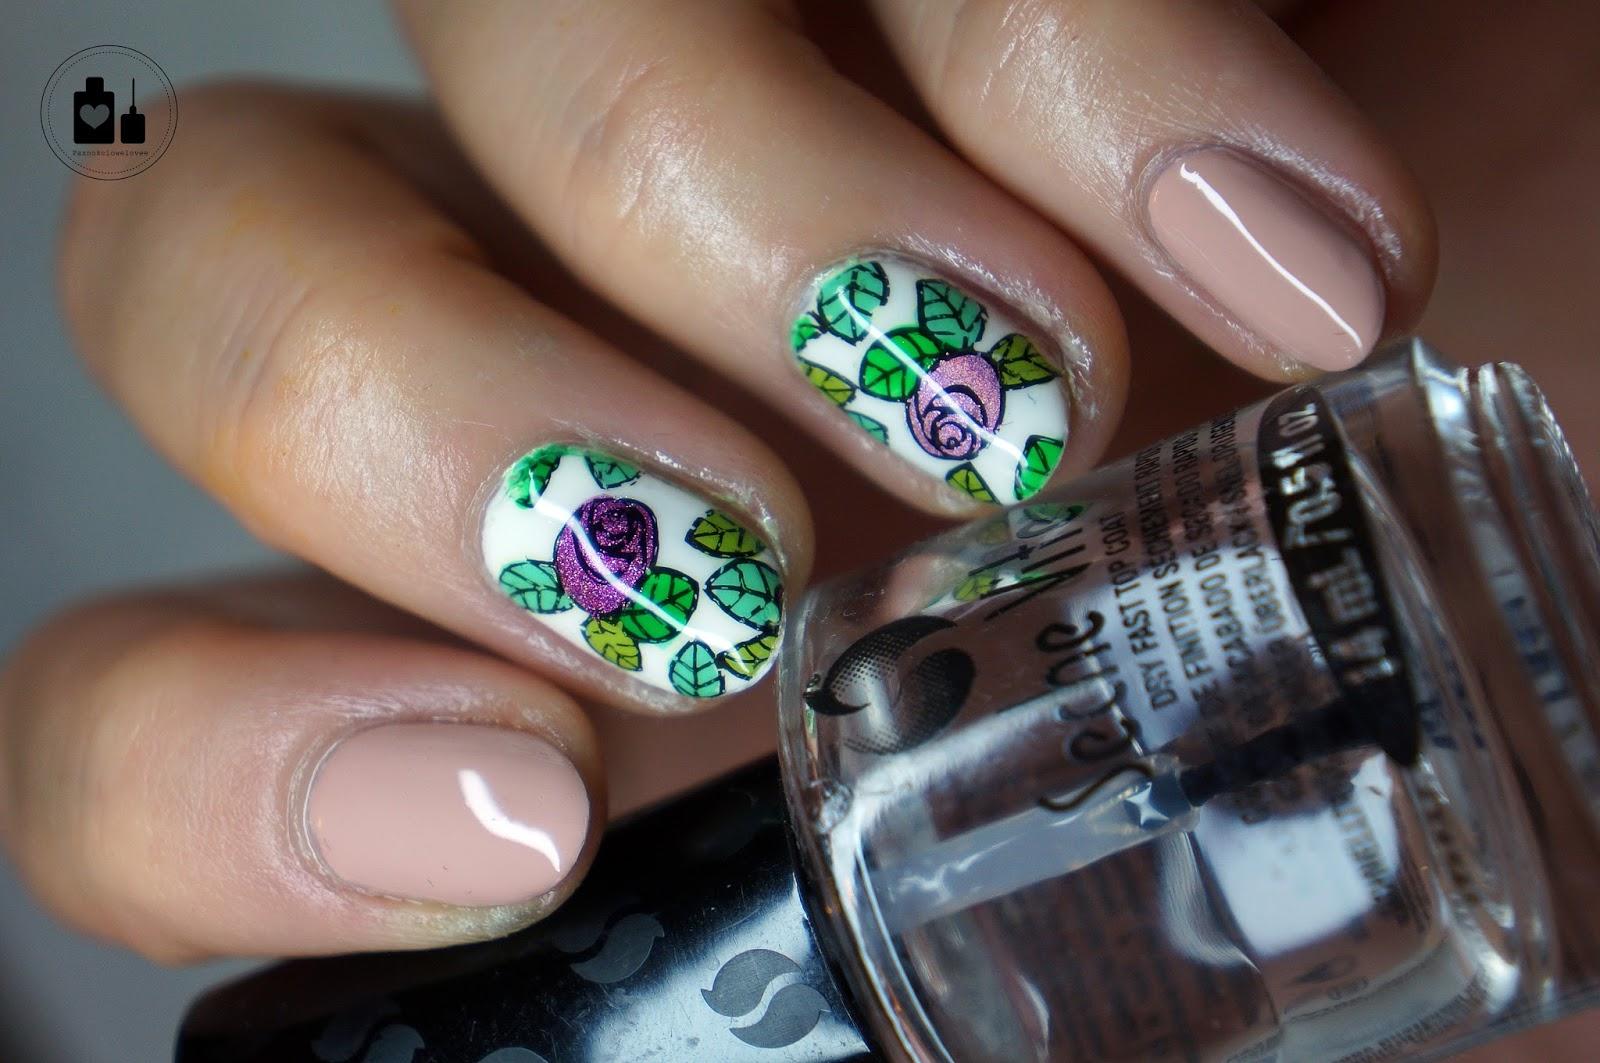 Holo róże w towarzystwie China Glaze.